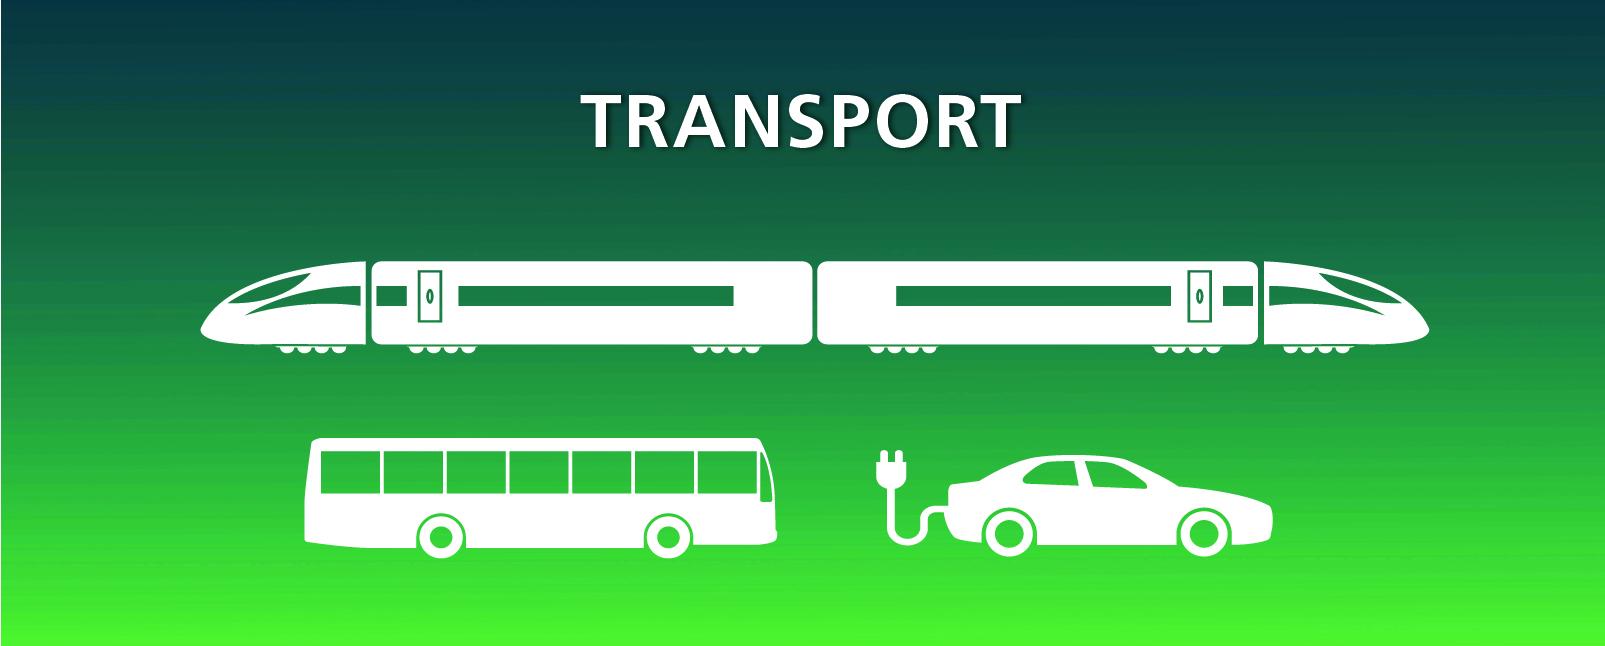 Burges Salmon - Net Zero - Decarbonised Transport